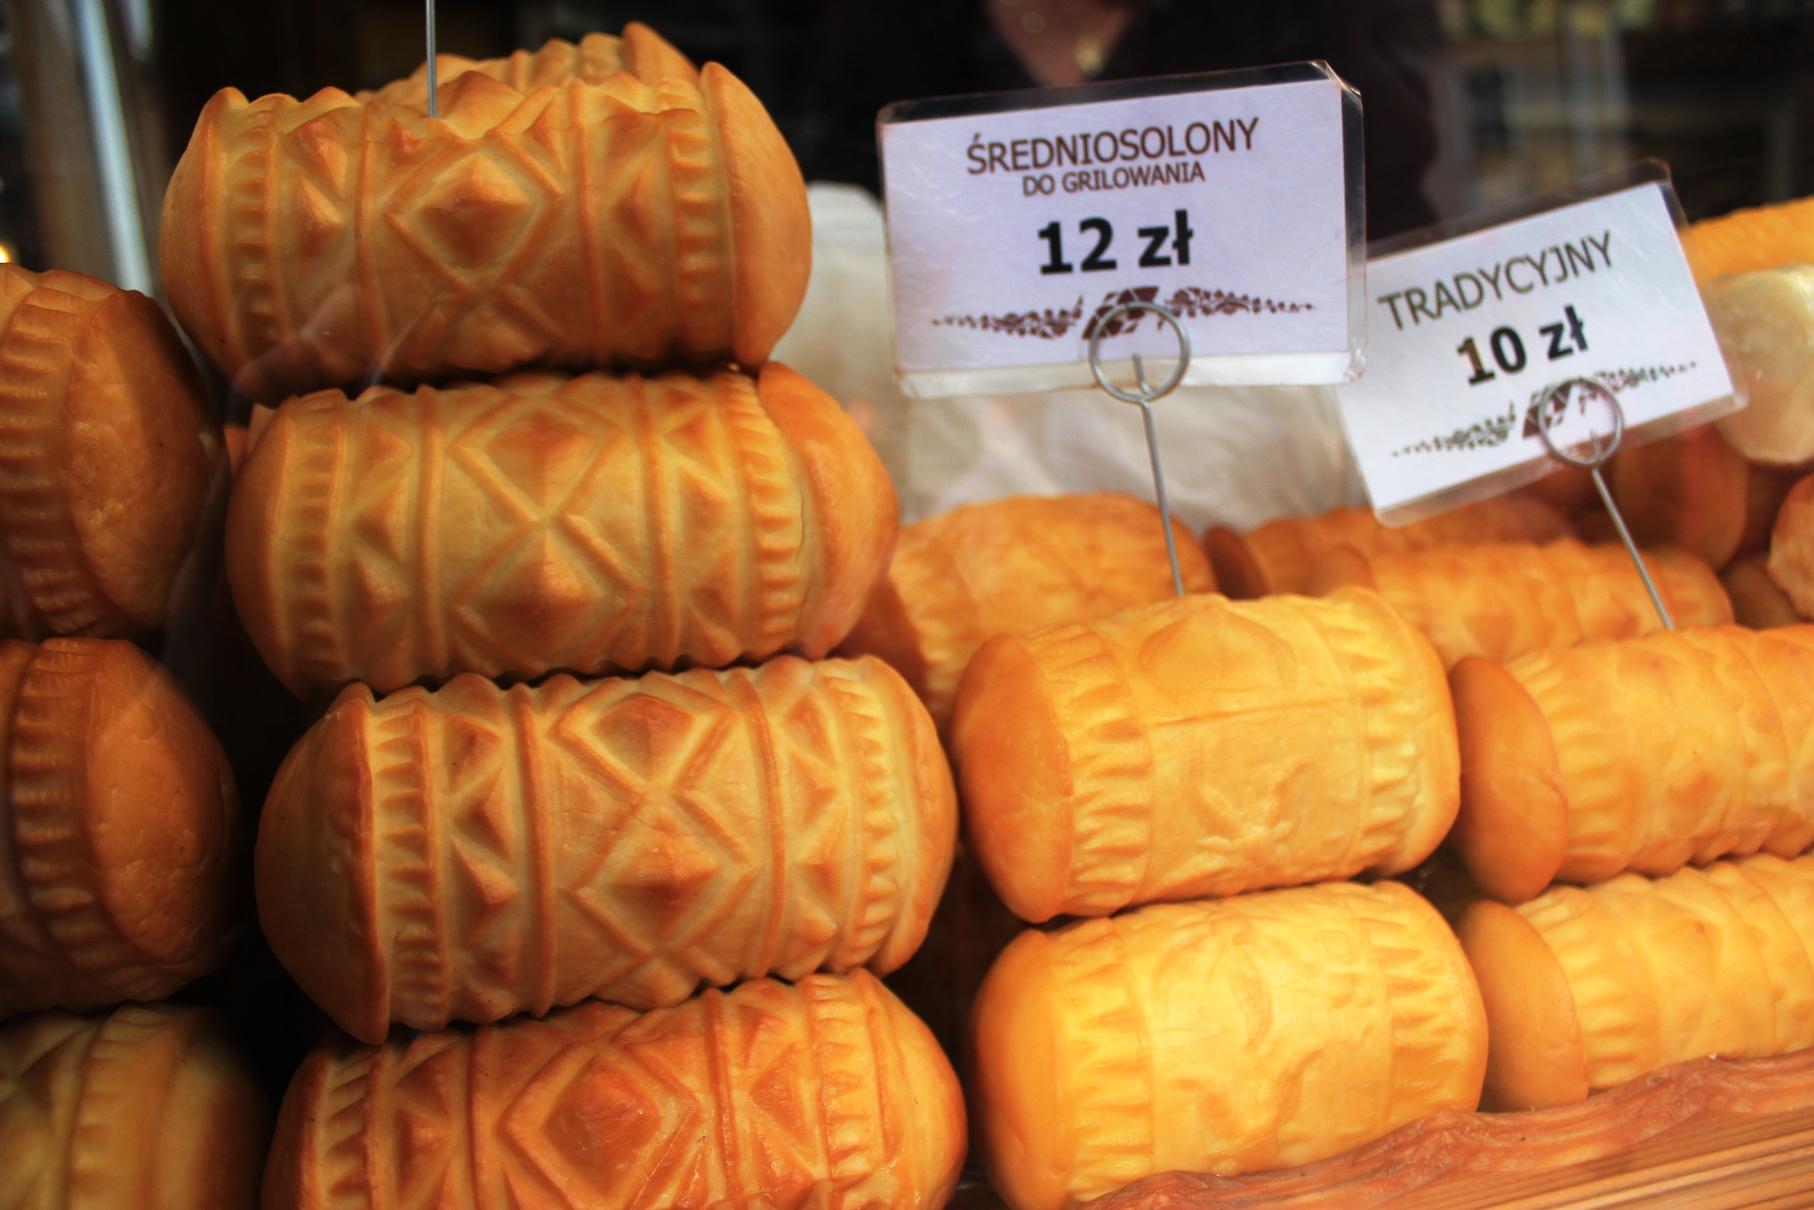 ザコパネ名物の燻製チーズ